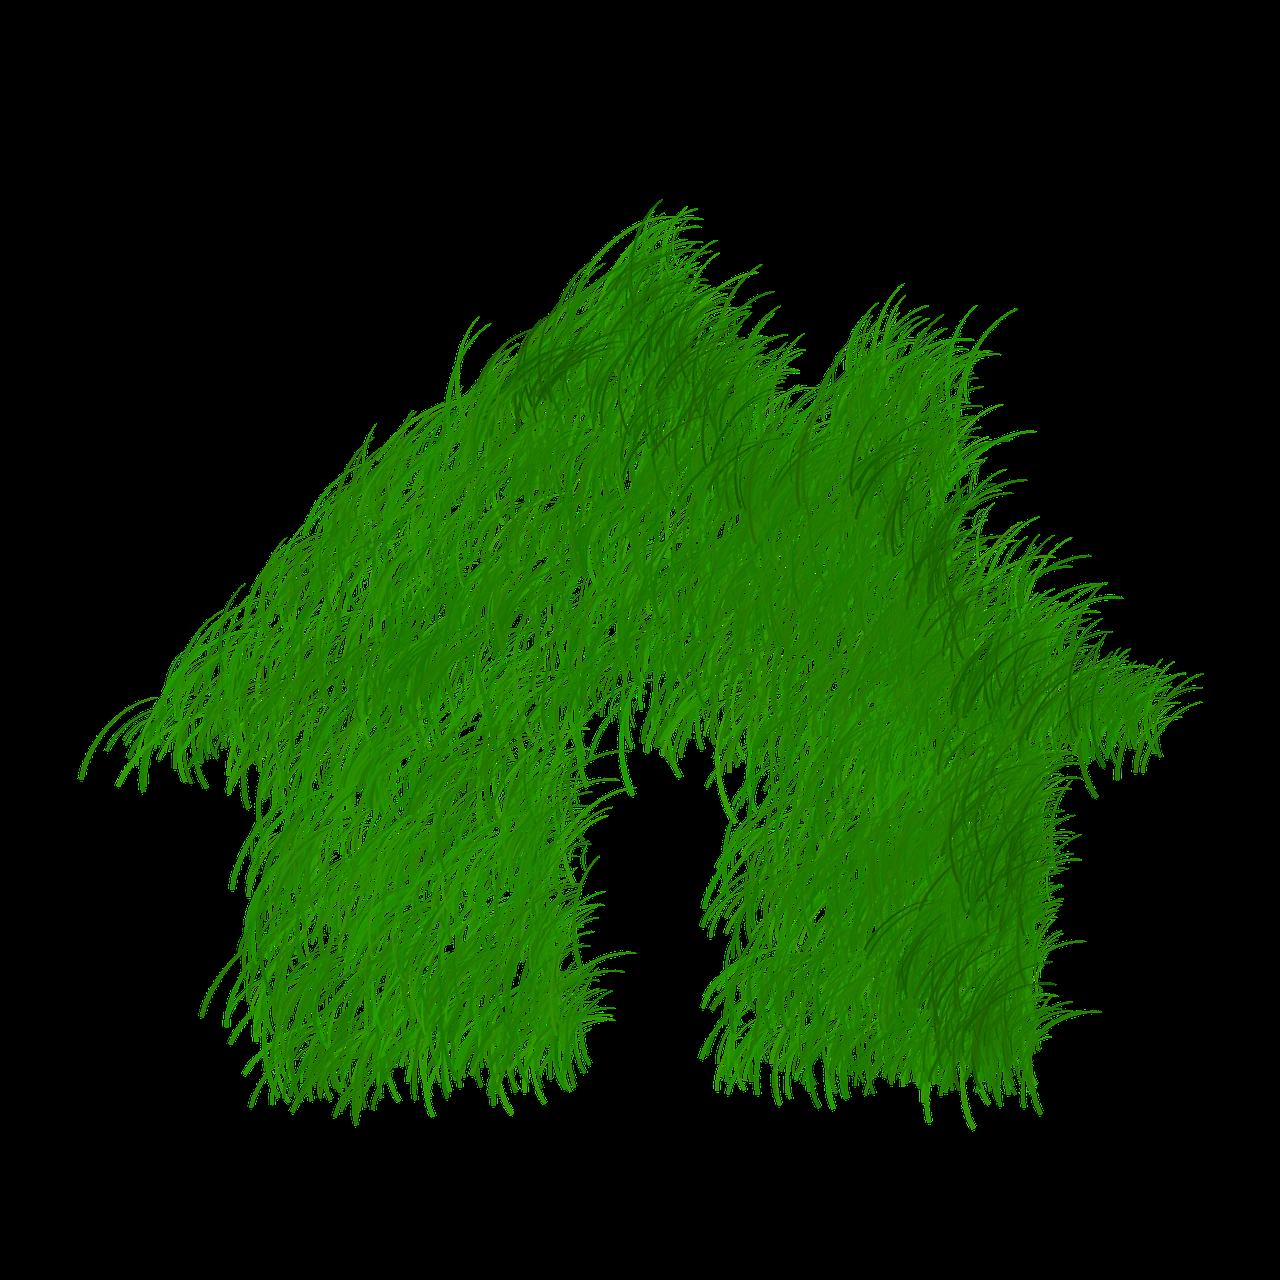 Altbausanierung und Klimaschutz - Emissionsreduzierung durch Sanierung